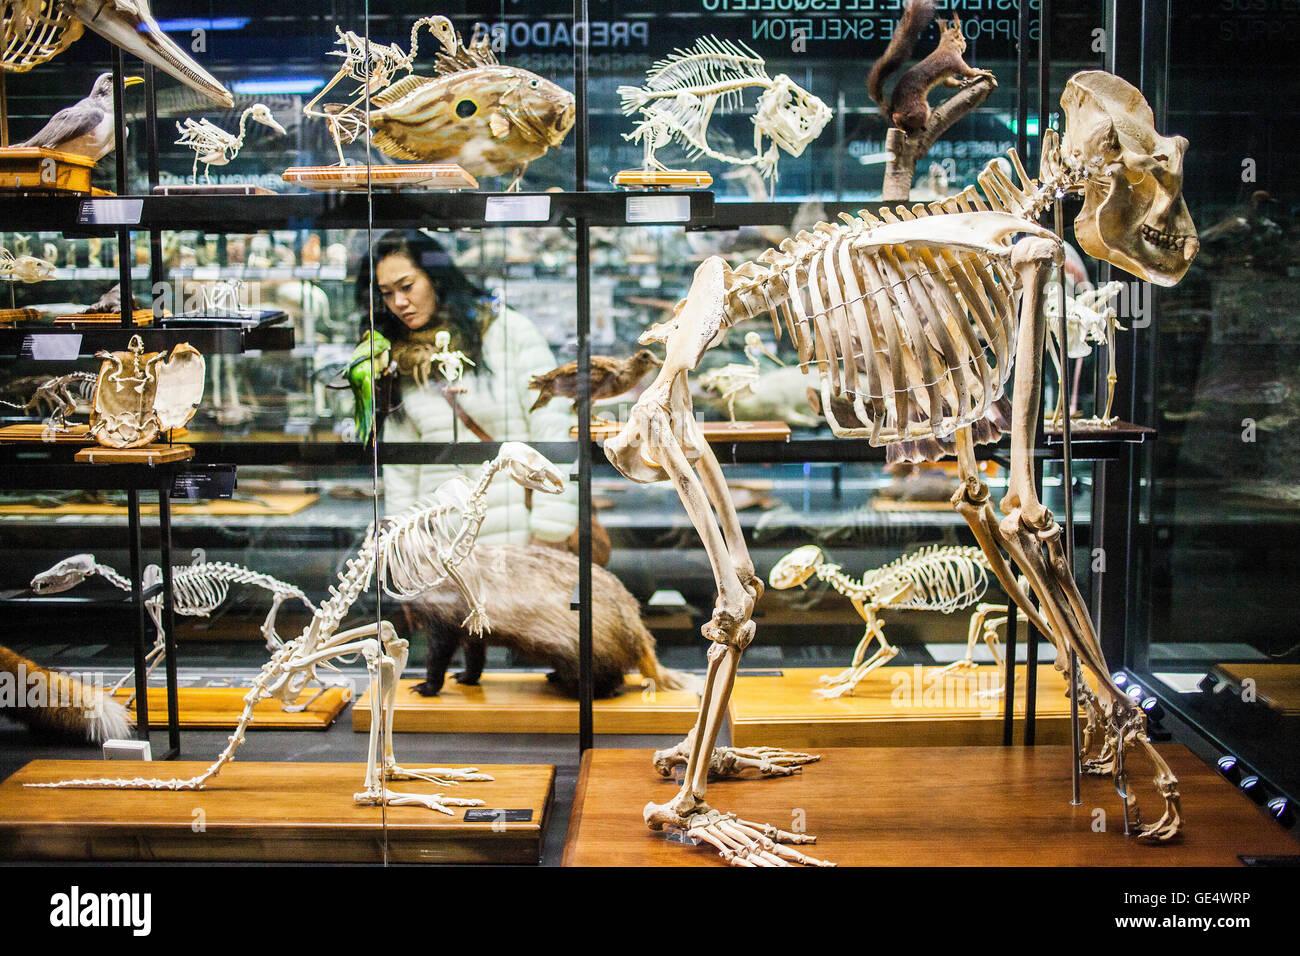 Il Museu Blau,il Museo di scienze naturali,case di scheletri. Edificio progettato da Jacques Herzog e Pierre de Immagini Stock